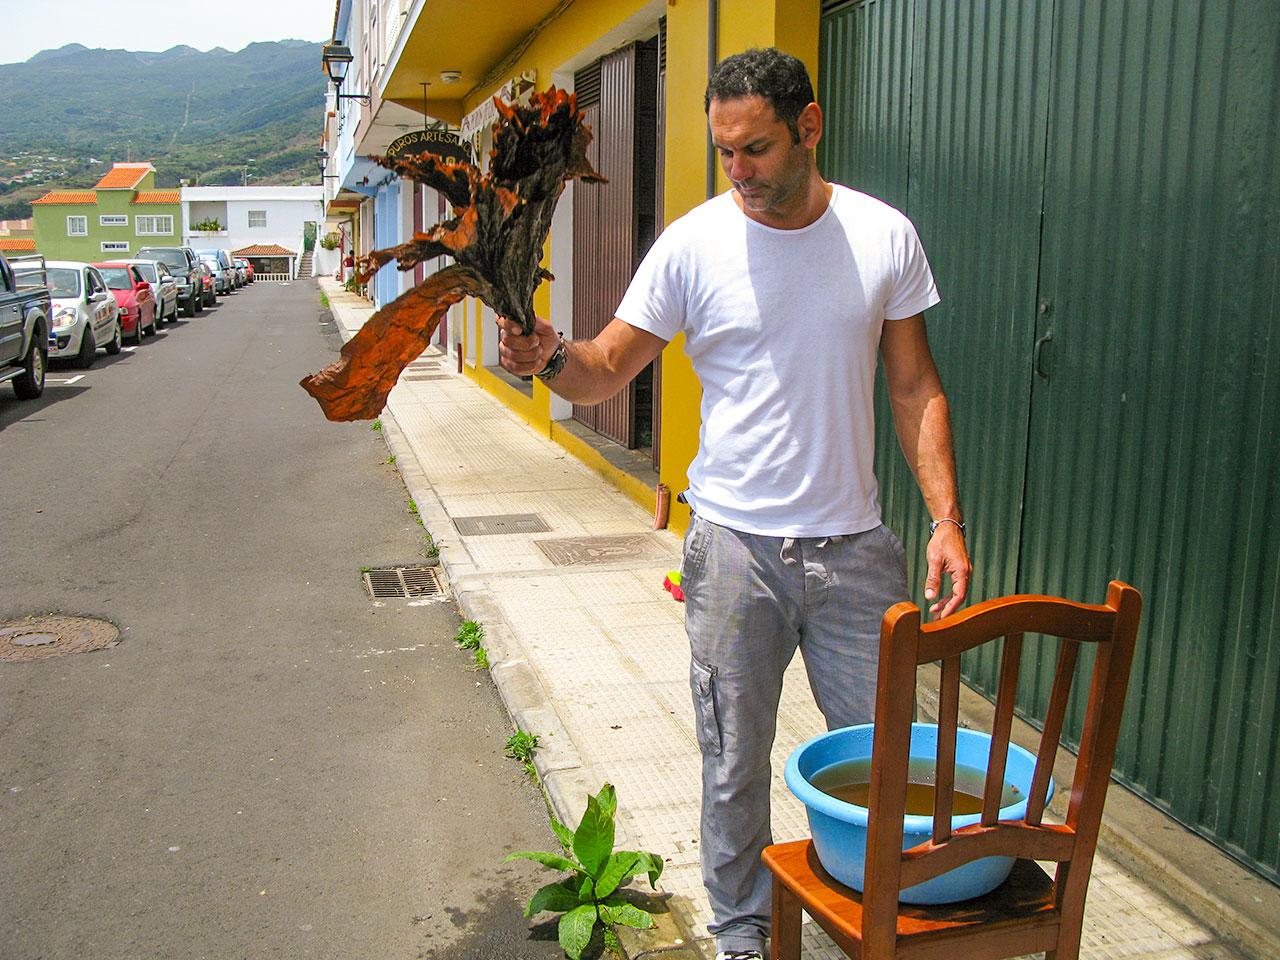 Mojado de las hojas del tabaco · Proceso de Elaboración Puros Artesanos Julio · Tabaco palmero Premium Hecho a mano en Breña Alta. La Palma. Islas Canarias